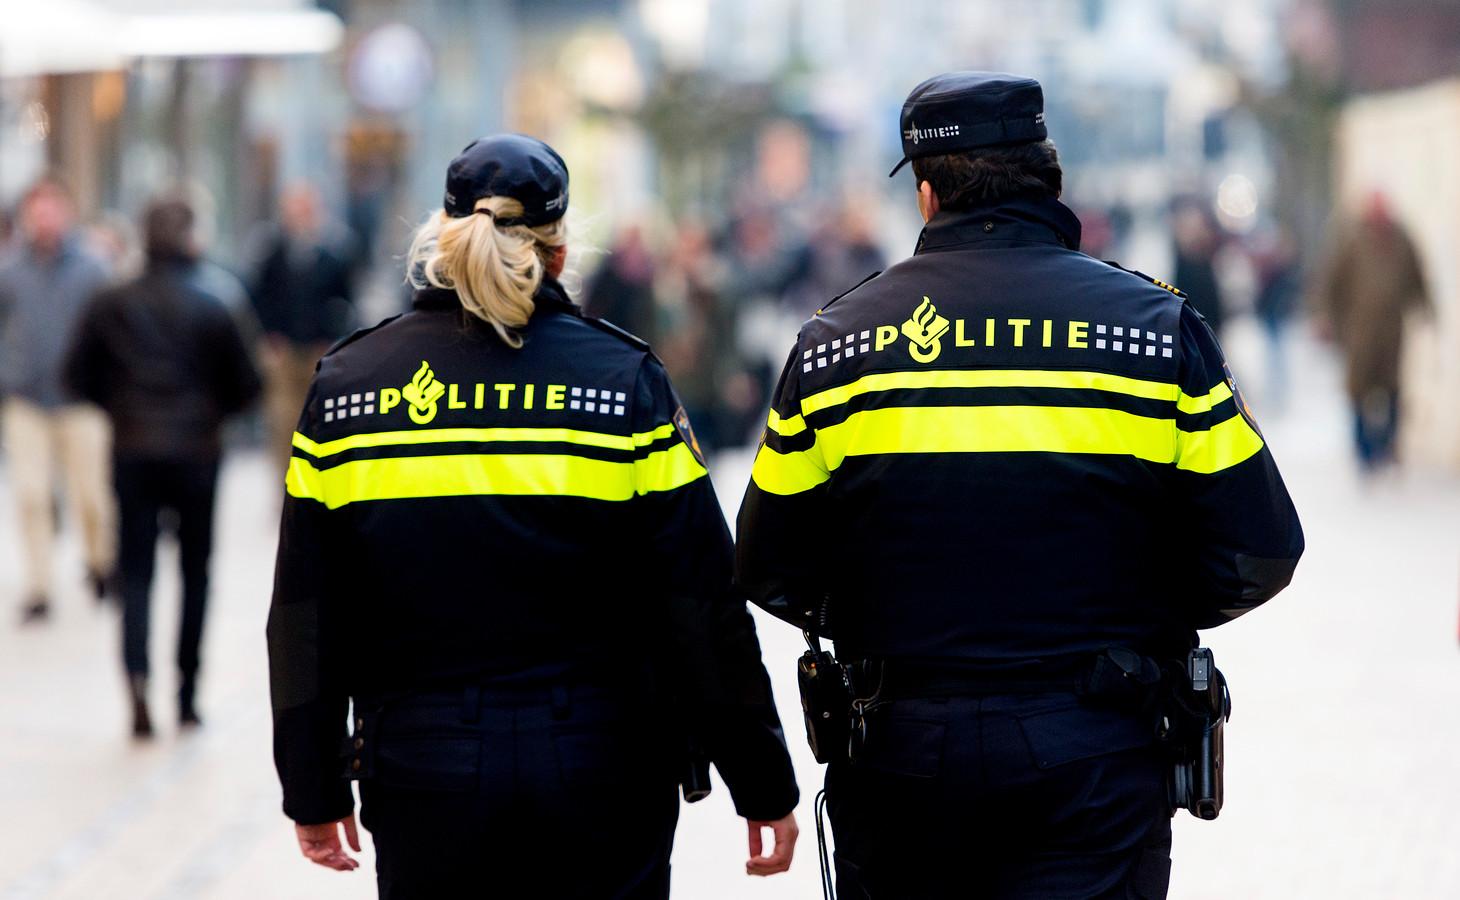 Politieagenten surveilleren in een winkelstraat.